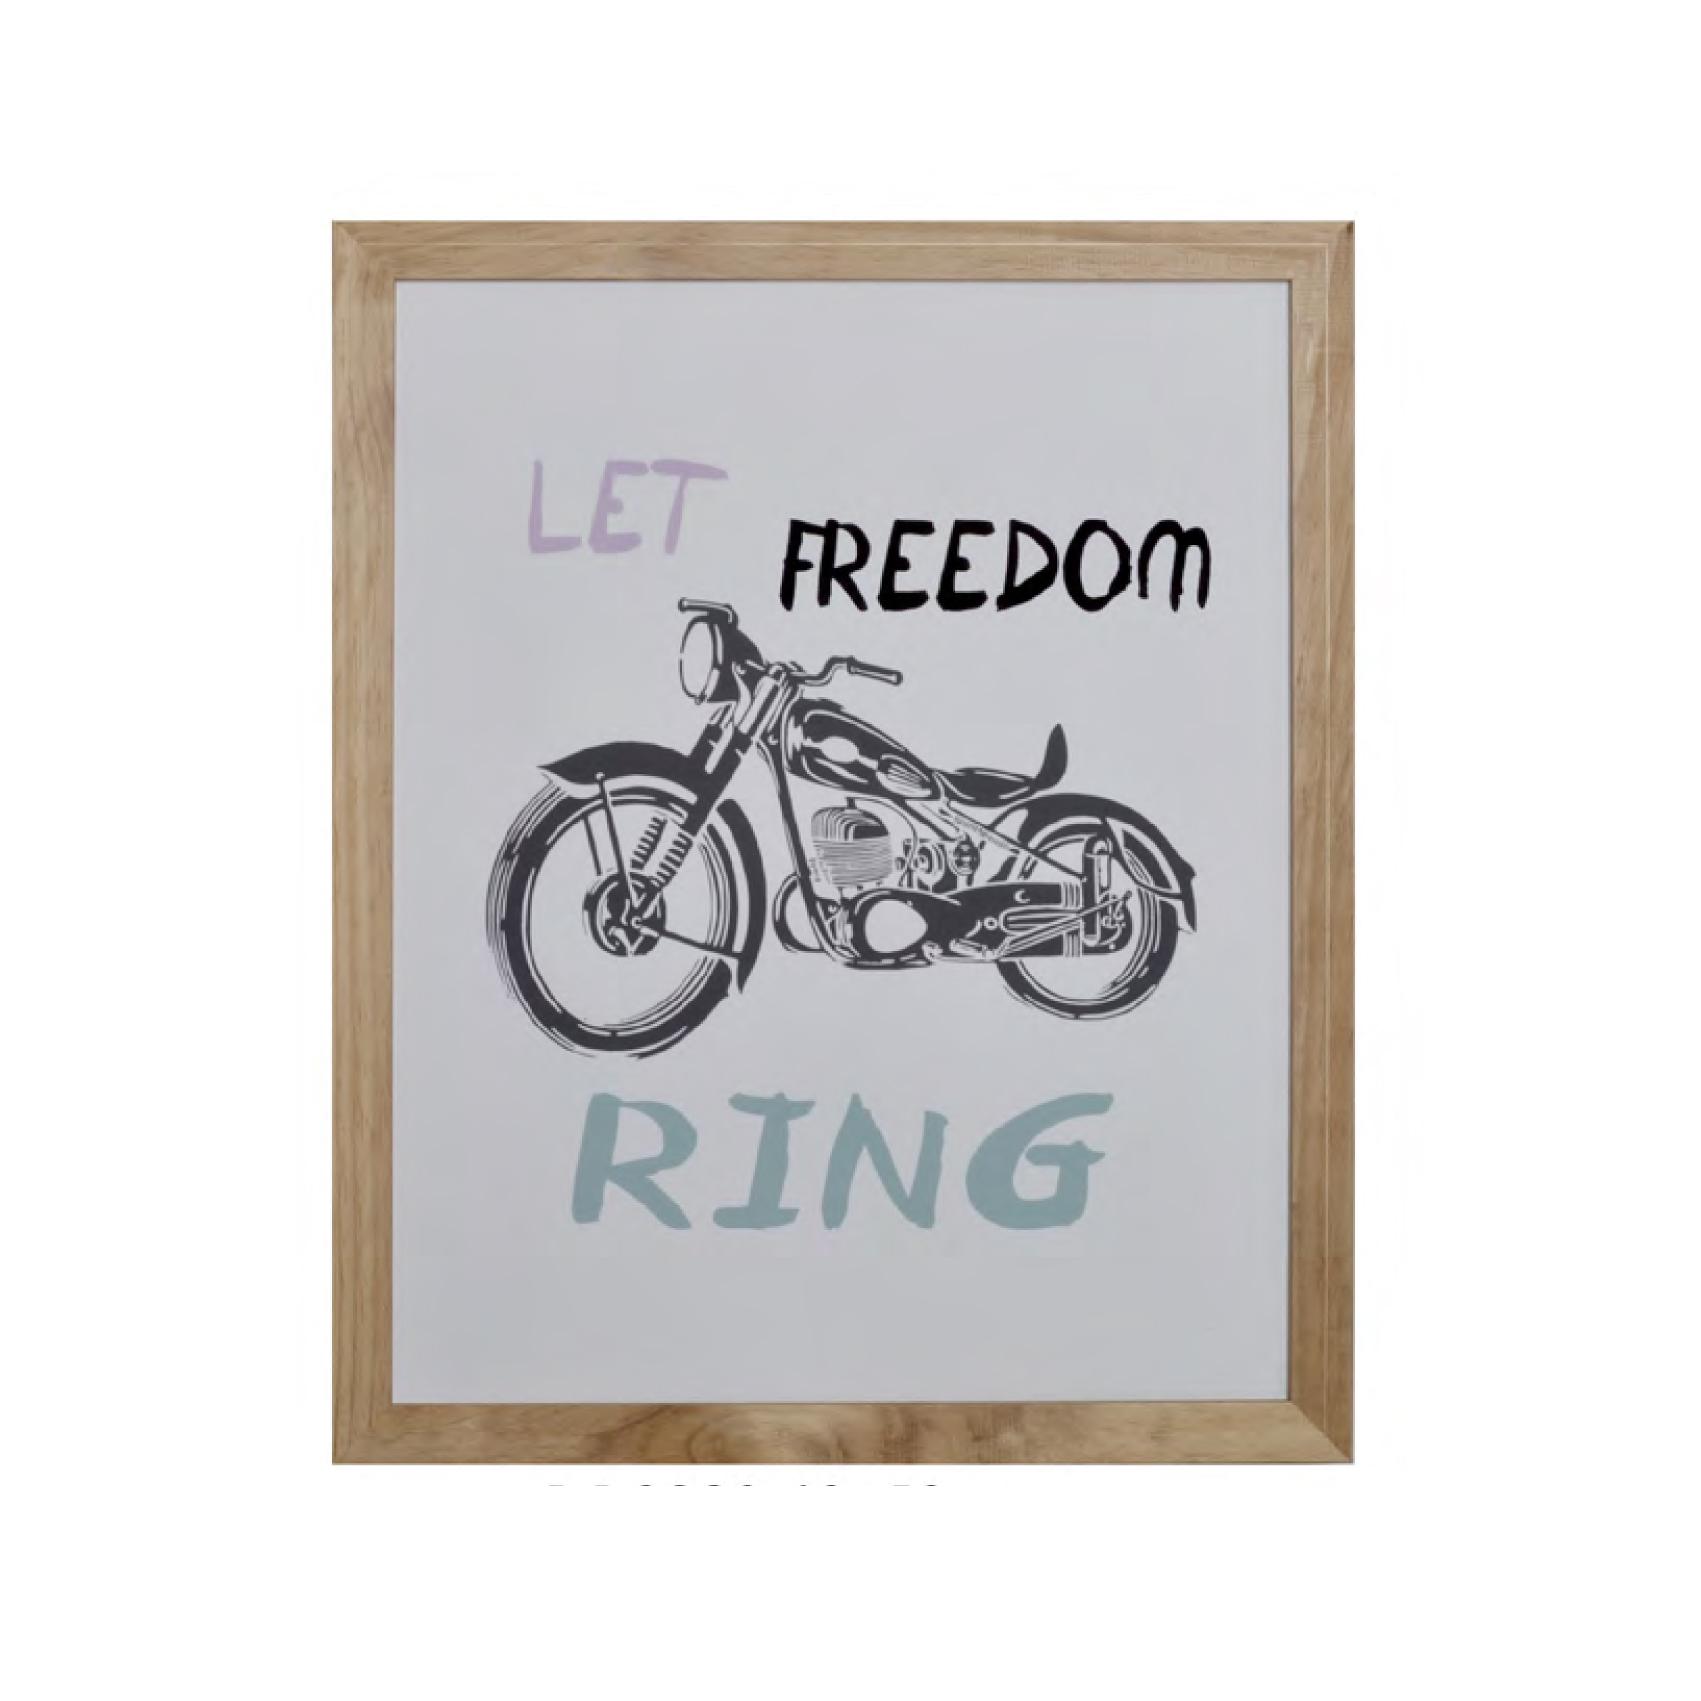 Cuadro mensaje marco madera mira y decora - Mira y decora ...